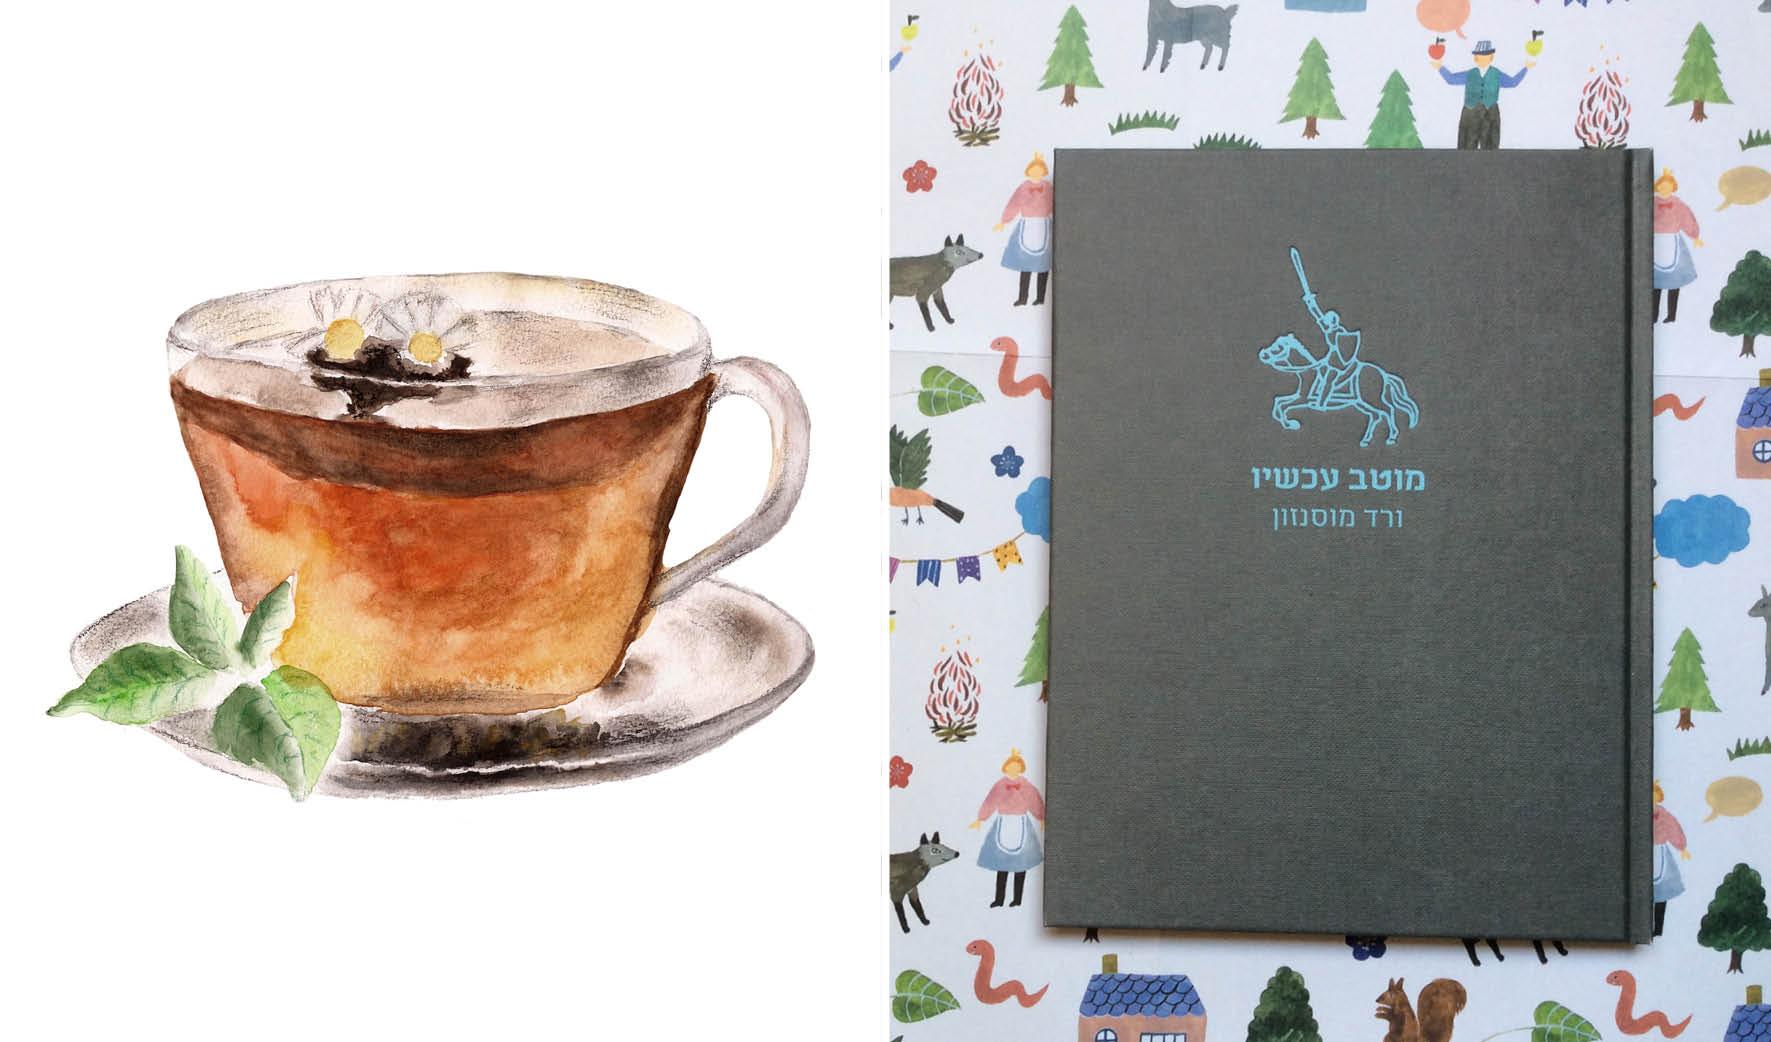 תה אחרון עם ורד מוסנזון והספר מוטב עכשיו